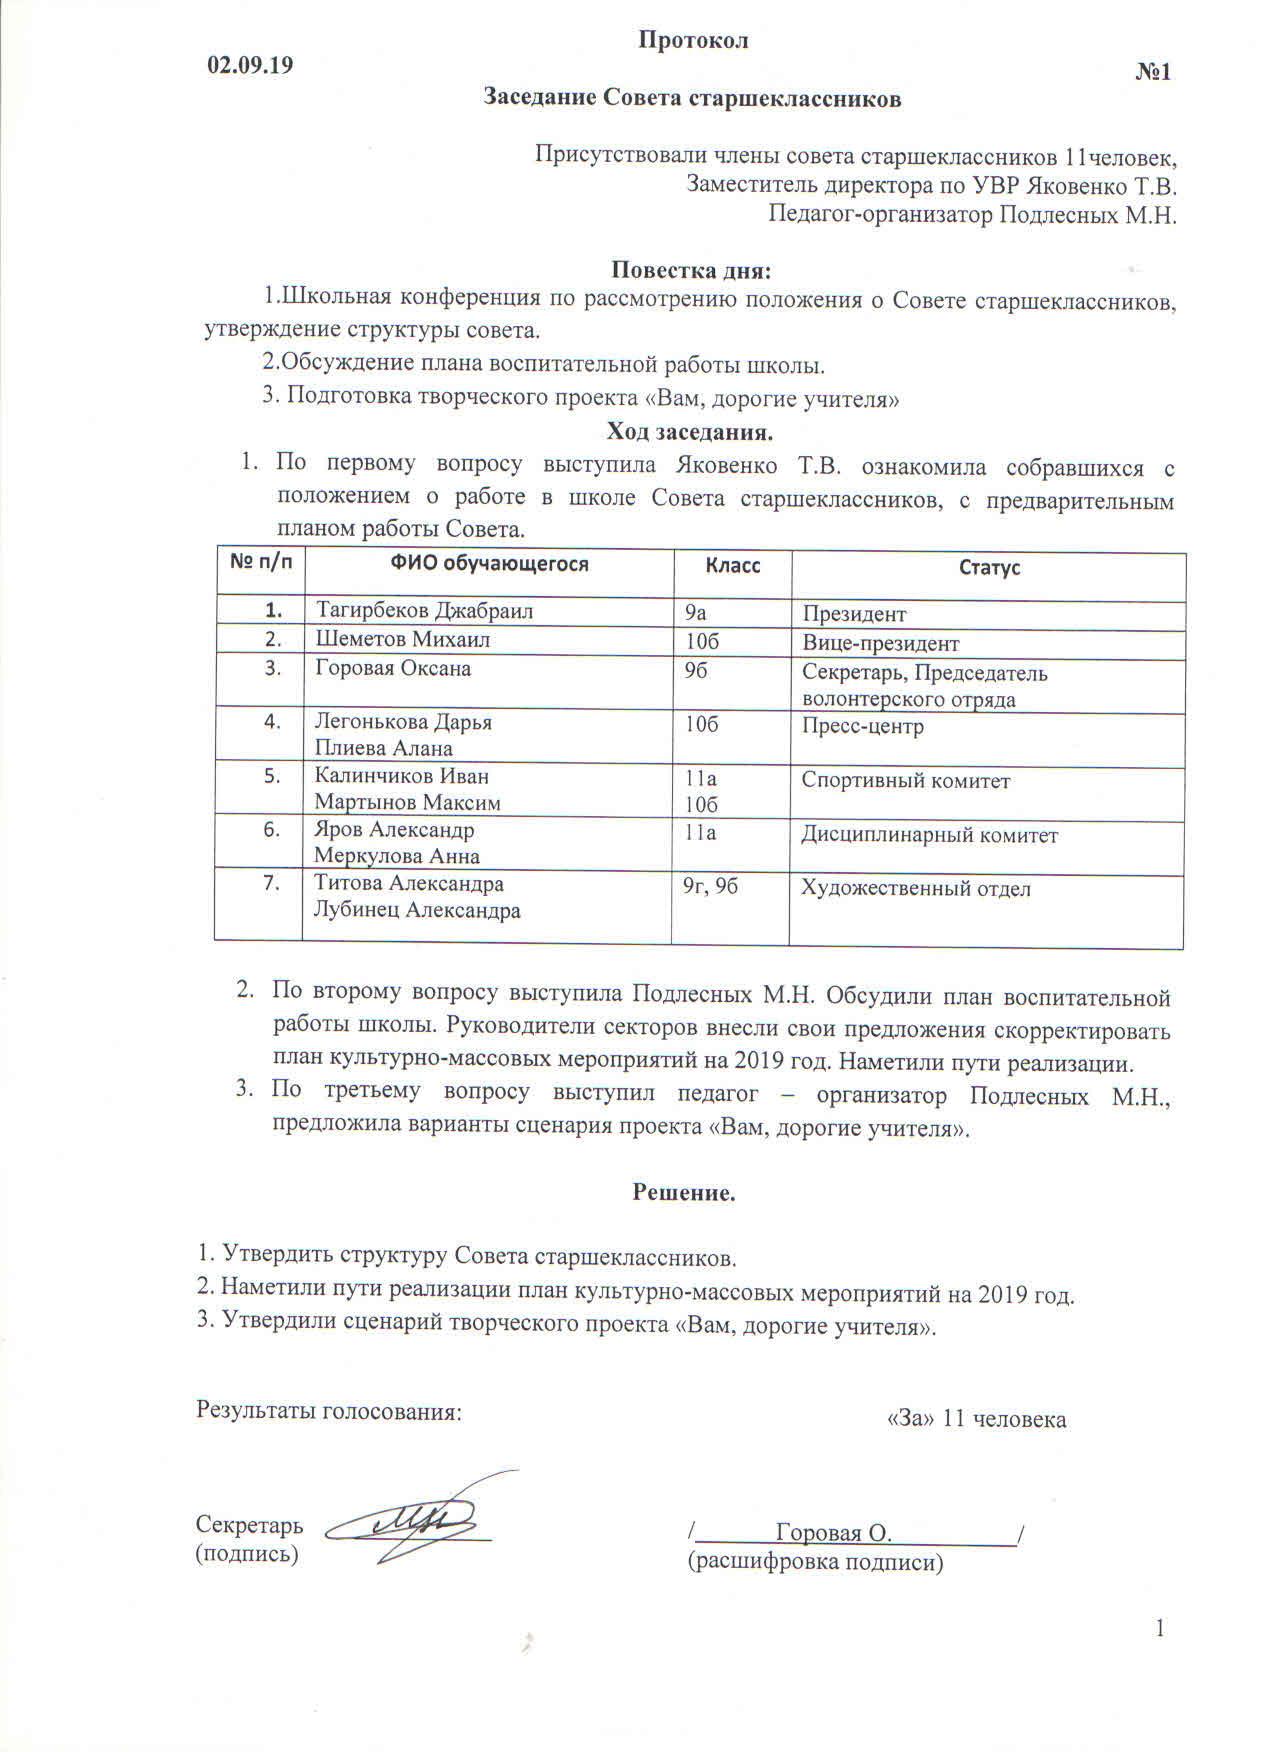 Протокол заседания Совета старшеклассников № 1